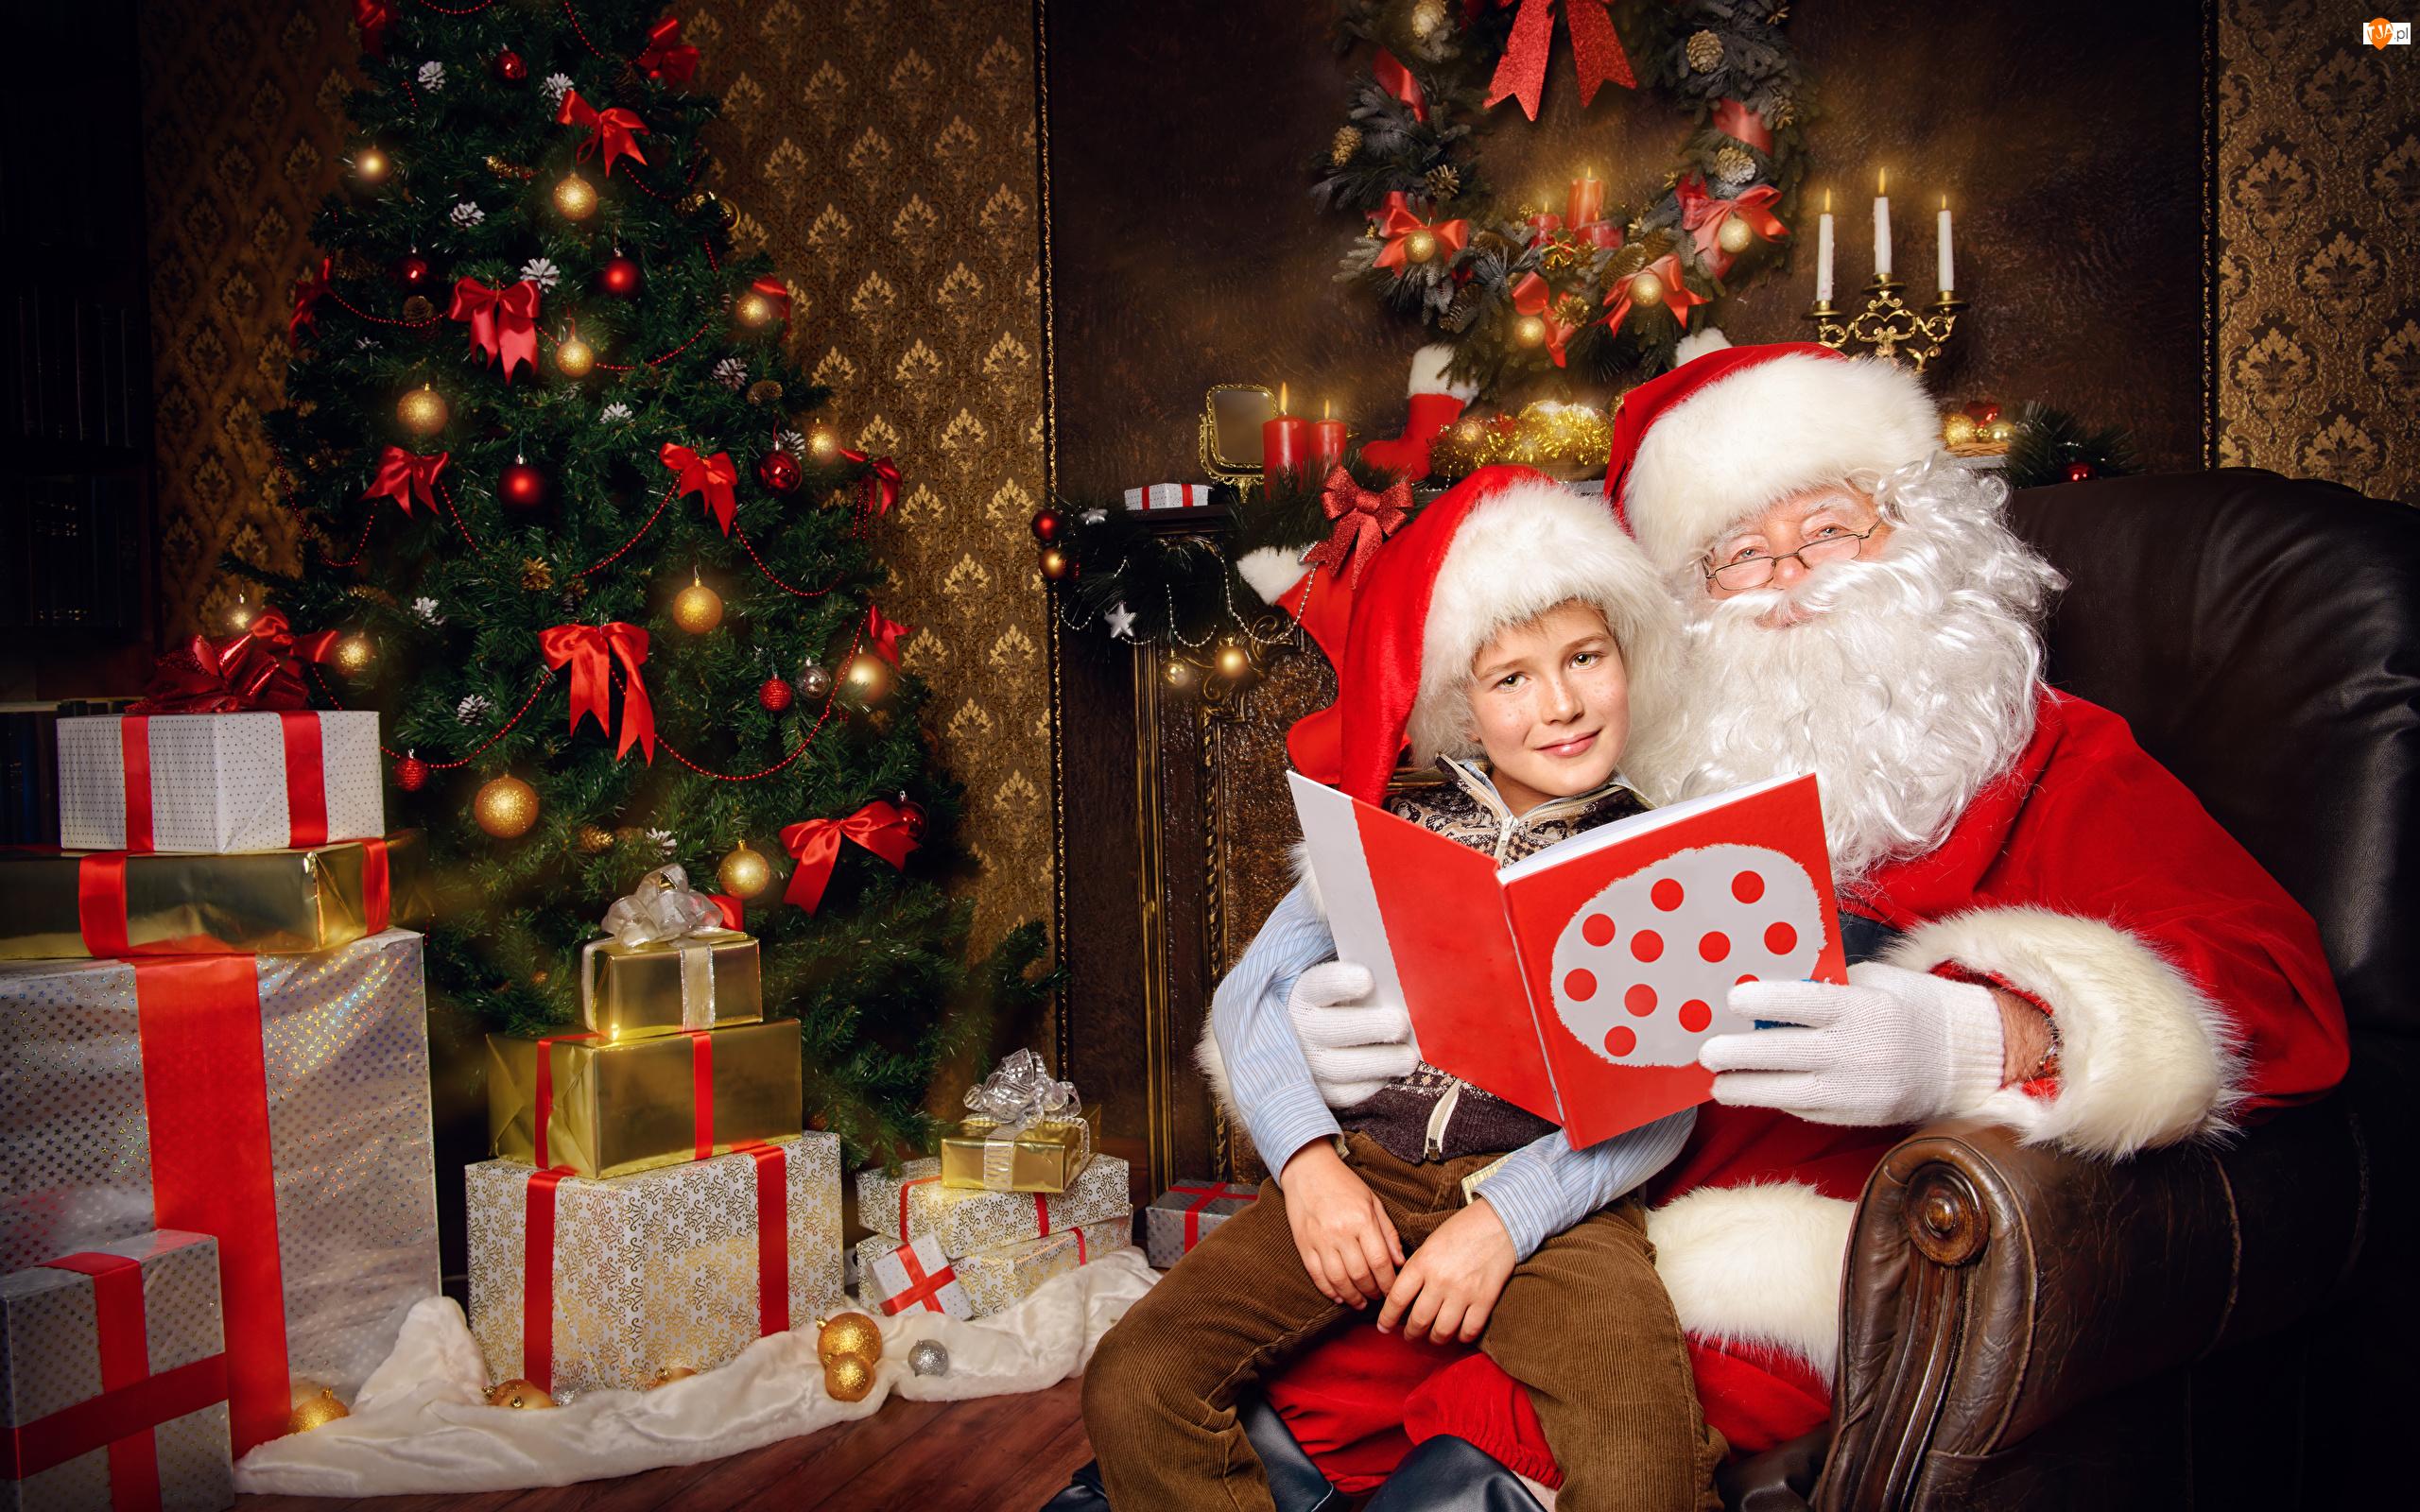 Mikołaj, Boże Narodzenie, Książka, Choinka, Dziecko, Prezenty